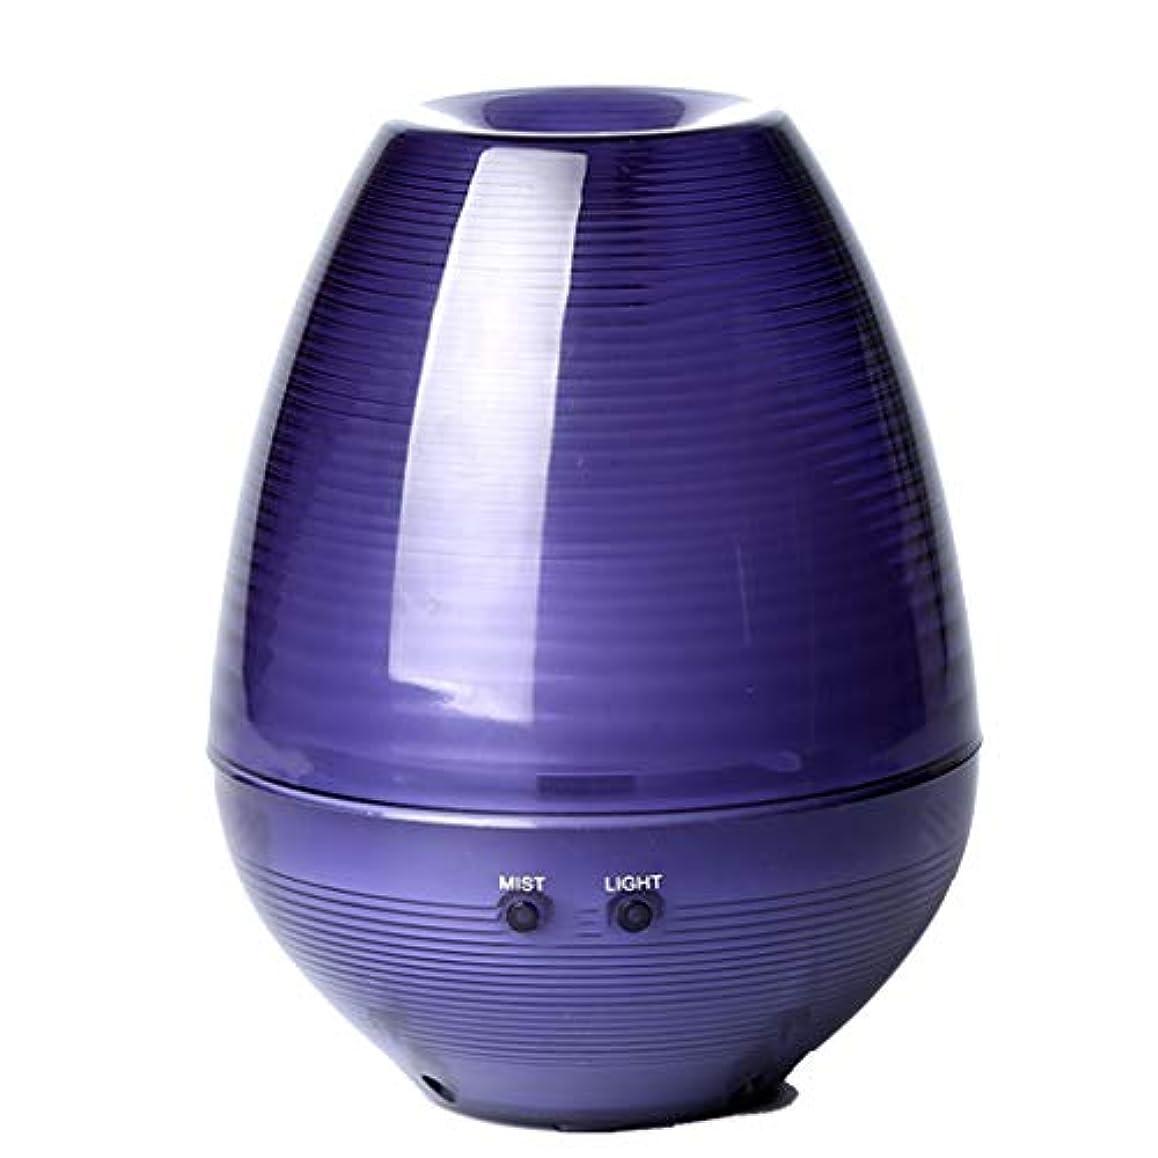 仲良し投げ捨てる効能あるアロマセラピーエッセンシャルオイルディフューザー、アロマディフューザークールミスト加湿器ウォーターレスオートシャットオフホームオフィス用ヨガ (Color : Purple)